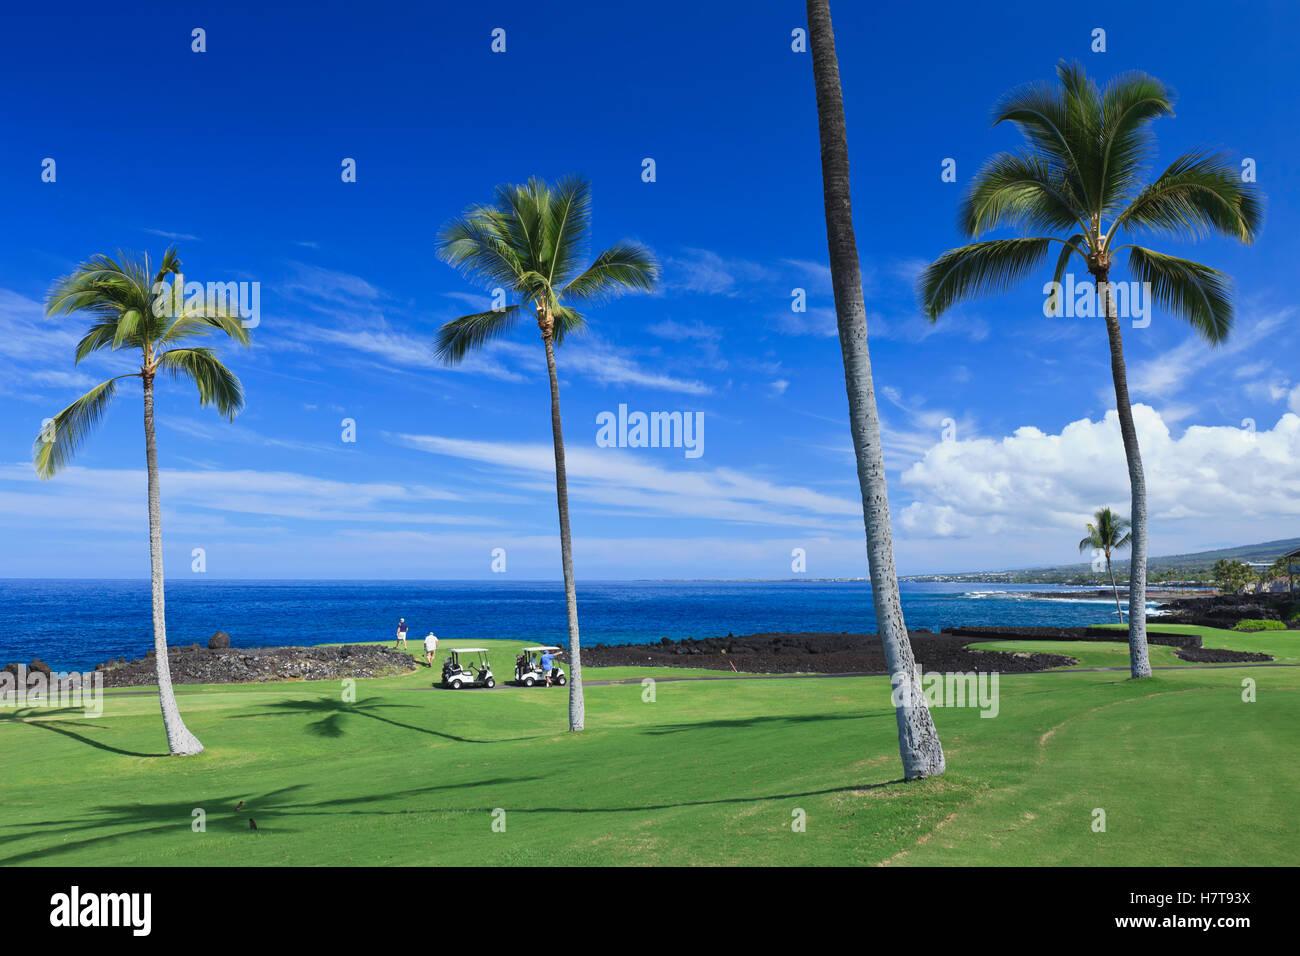 Golf course, Kona Country Club; Kailua Kona, Island of Hawaii Stock ...